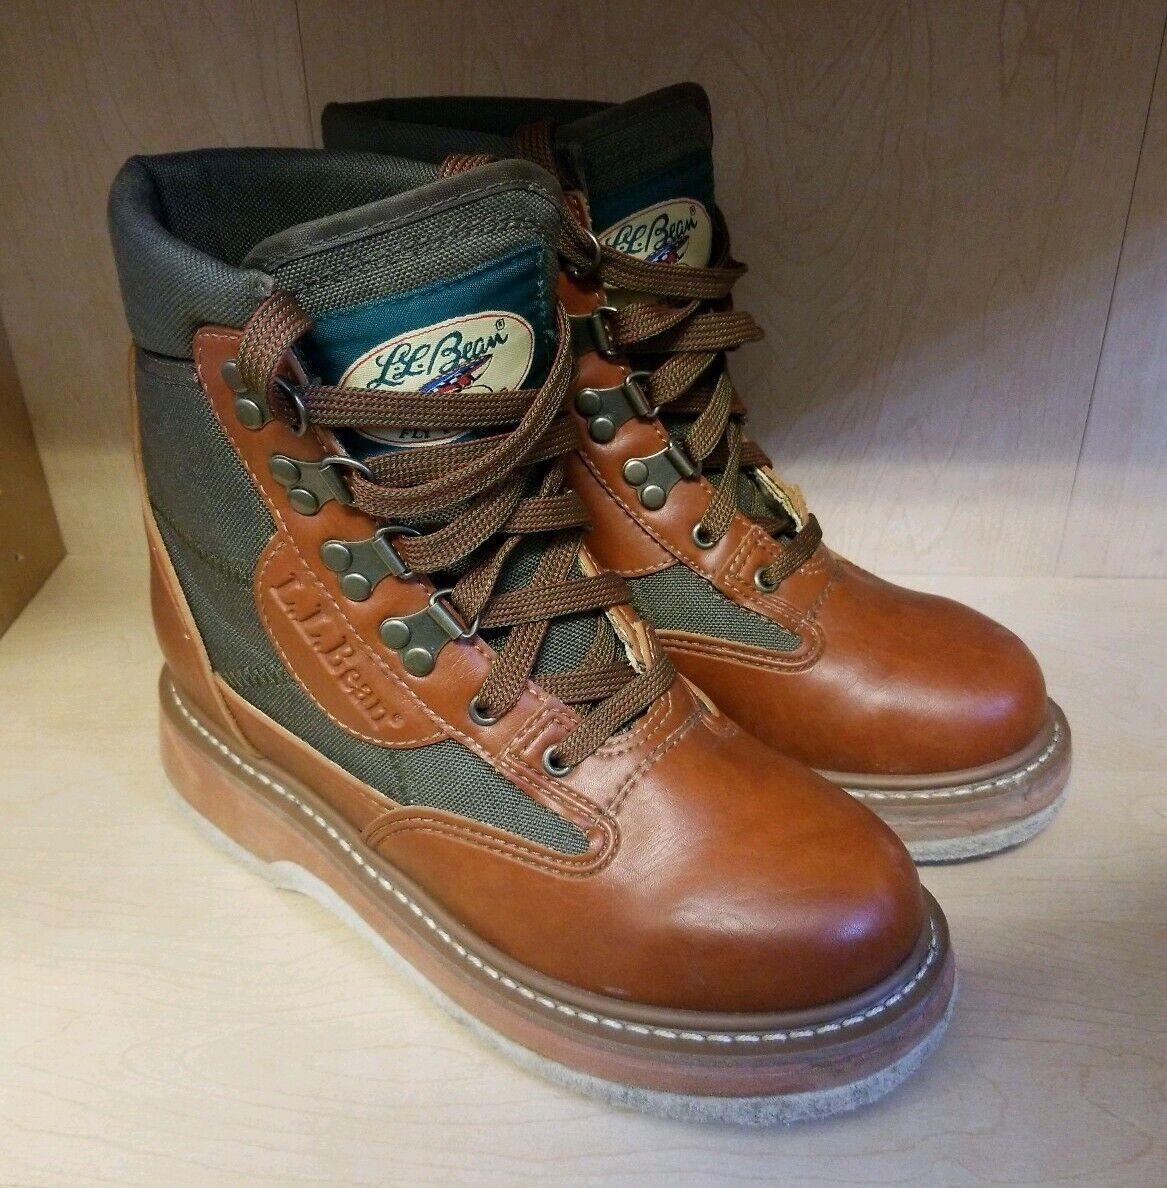 Ll Bean  Pescador botas De Vadeo Pesca Con Mosca Cuero Suela de fieltro Talla M5 W6 .5 Marrón verde  promociones de equipo